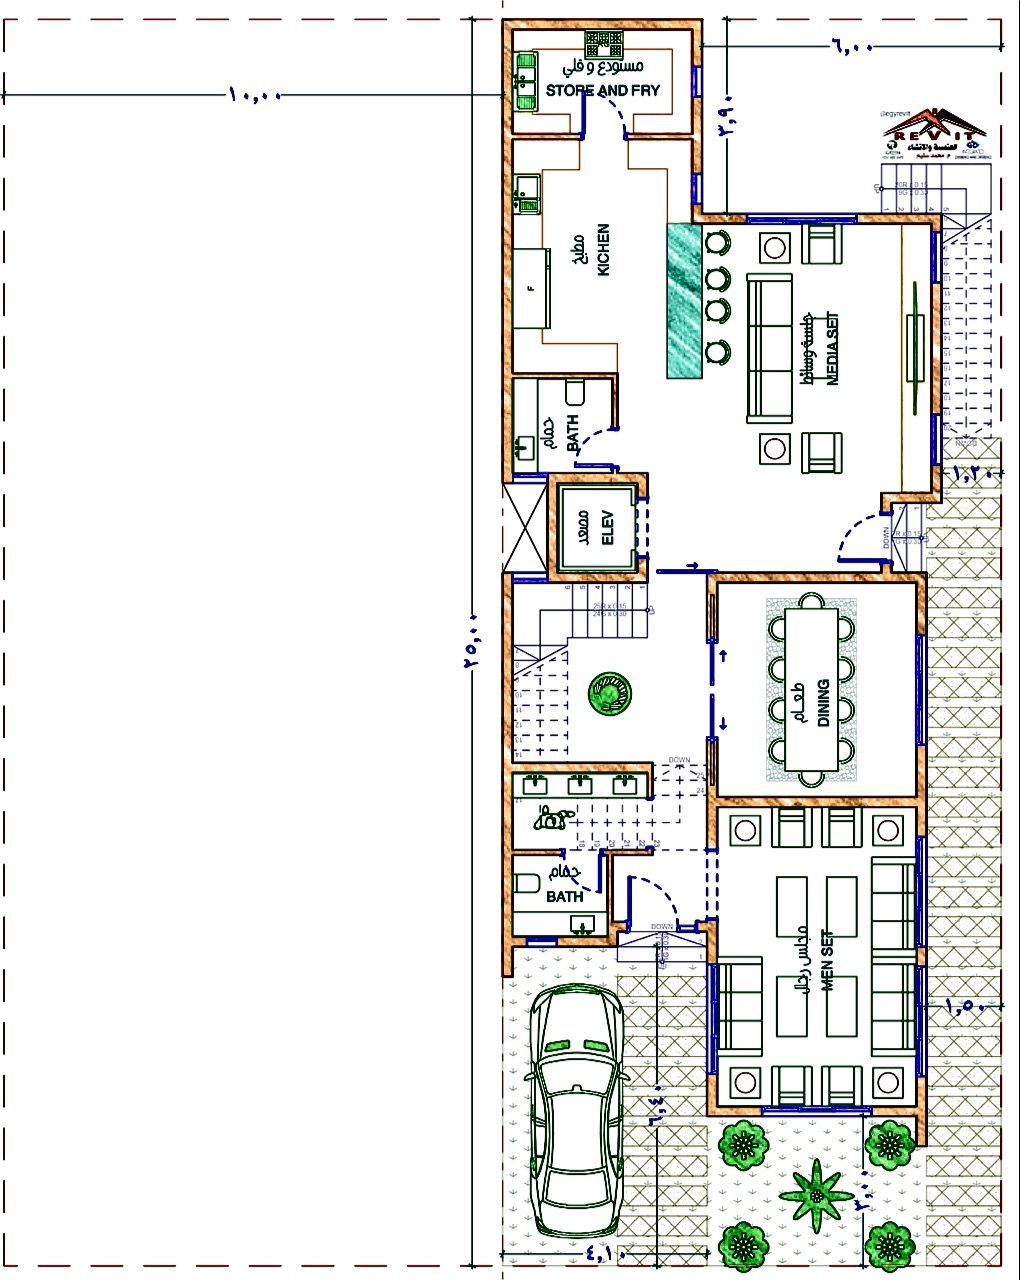 تصميم فيلا مودرن ايجي ريفت House Floor Plans Duplex Plans Floor Plans